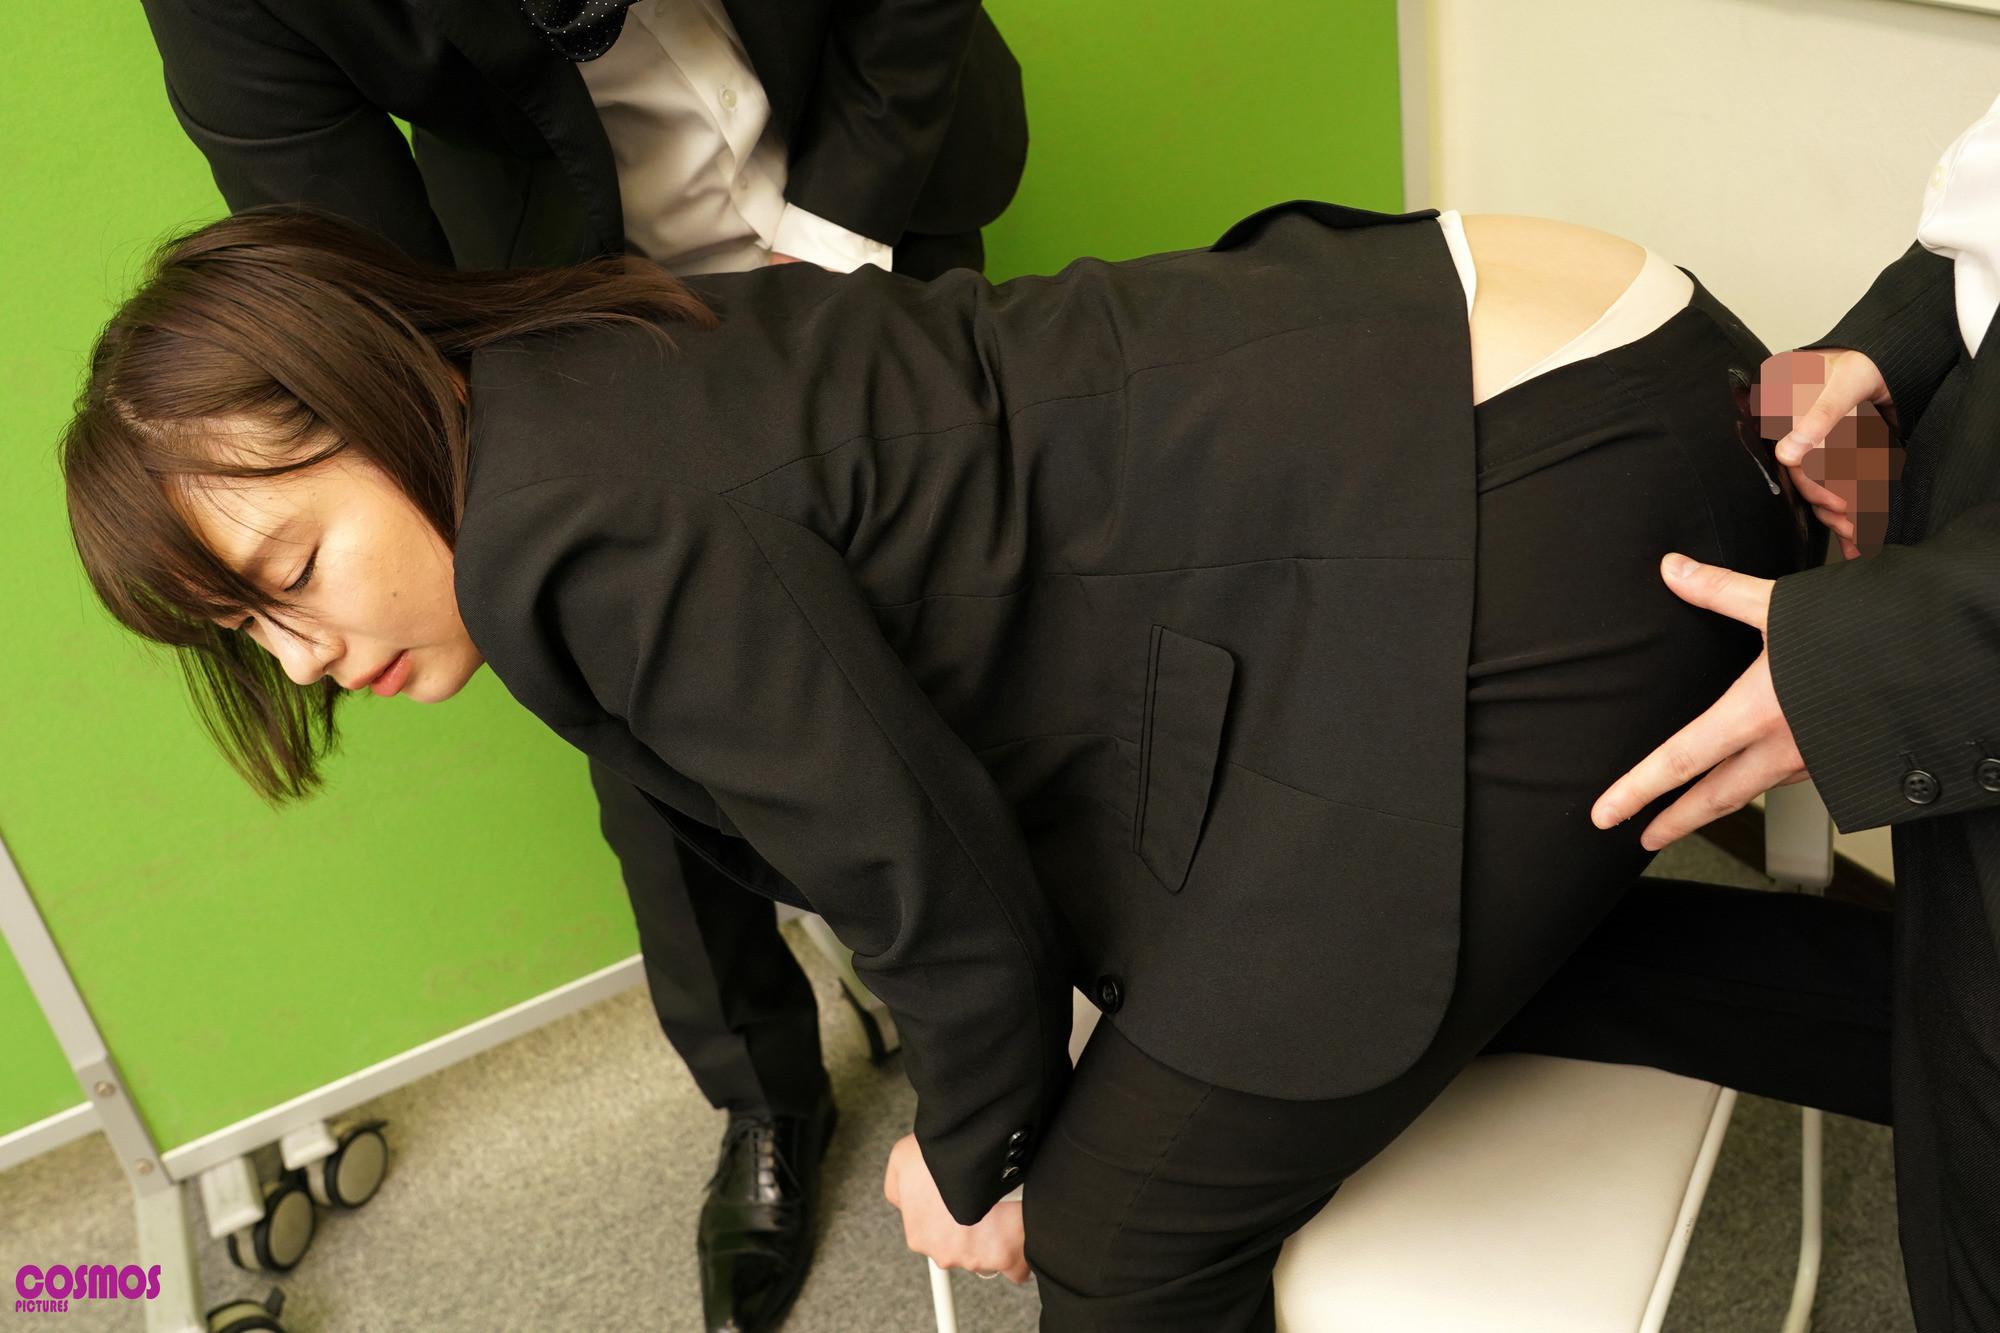 リクルートスーツがはちきれんばかりのデカ尻を面接官に視姦されている就活妻あおいさん(27)念願のおしり圧迫面接で満足 画像10